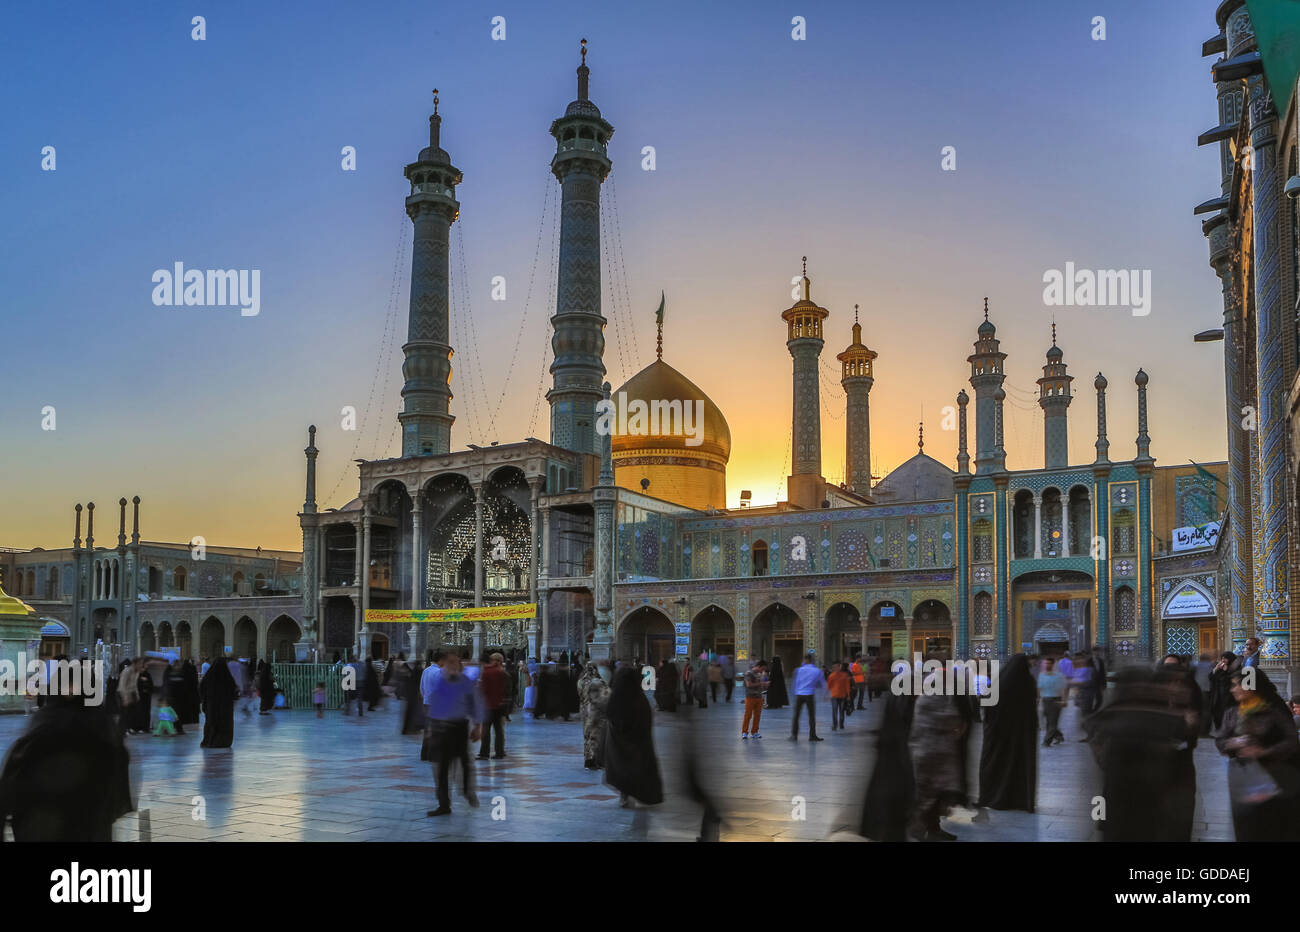 Irán,ciudad de Qom,Hazrat-e Masumeh (Santuario) Imagen De Stock